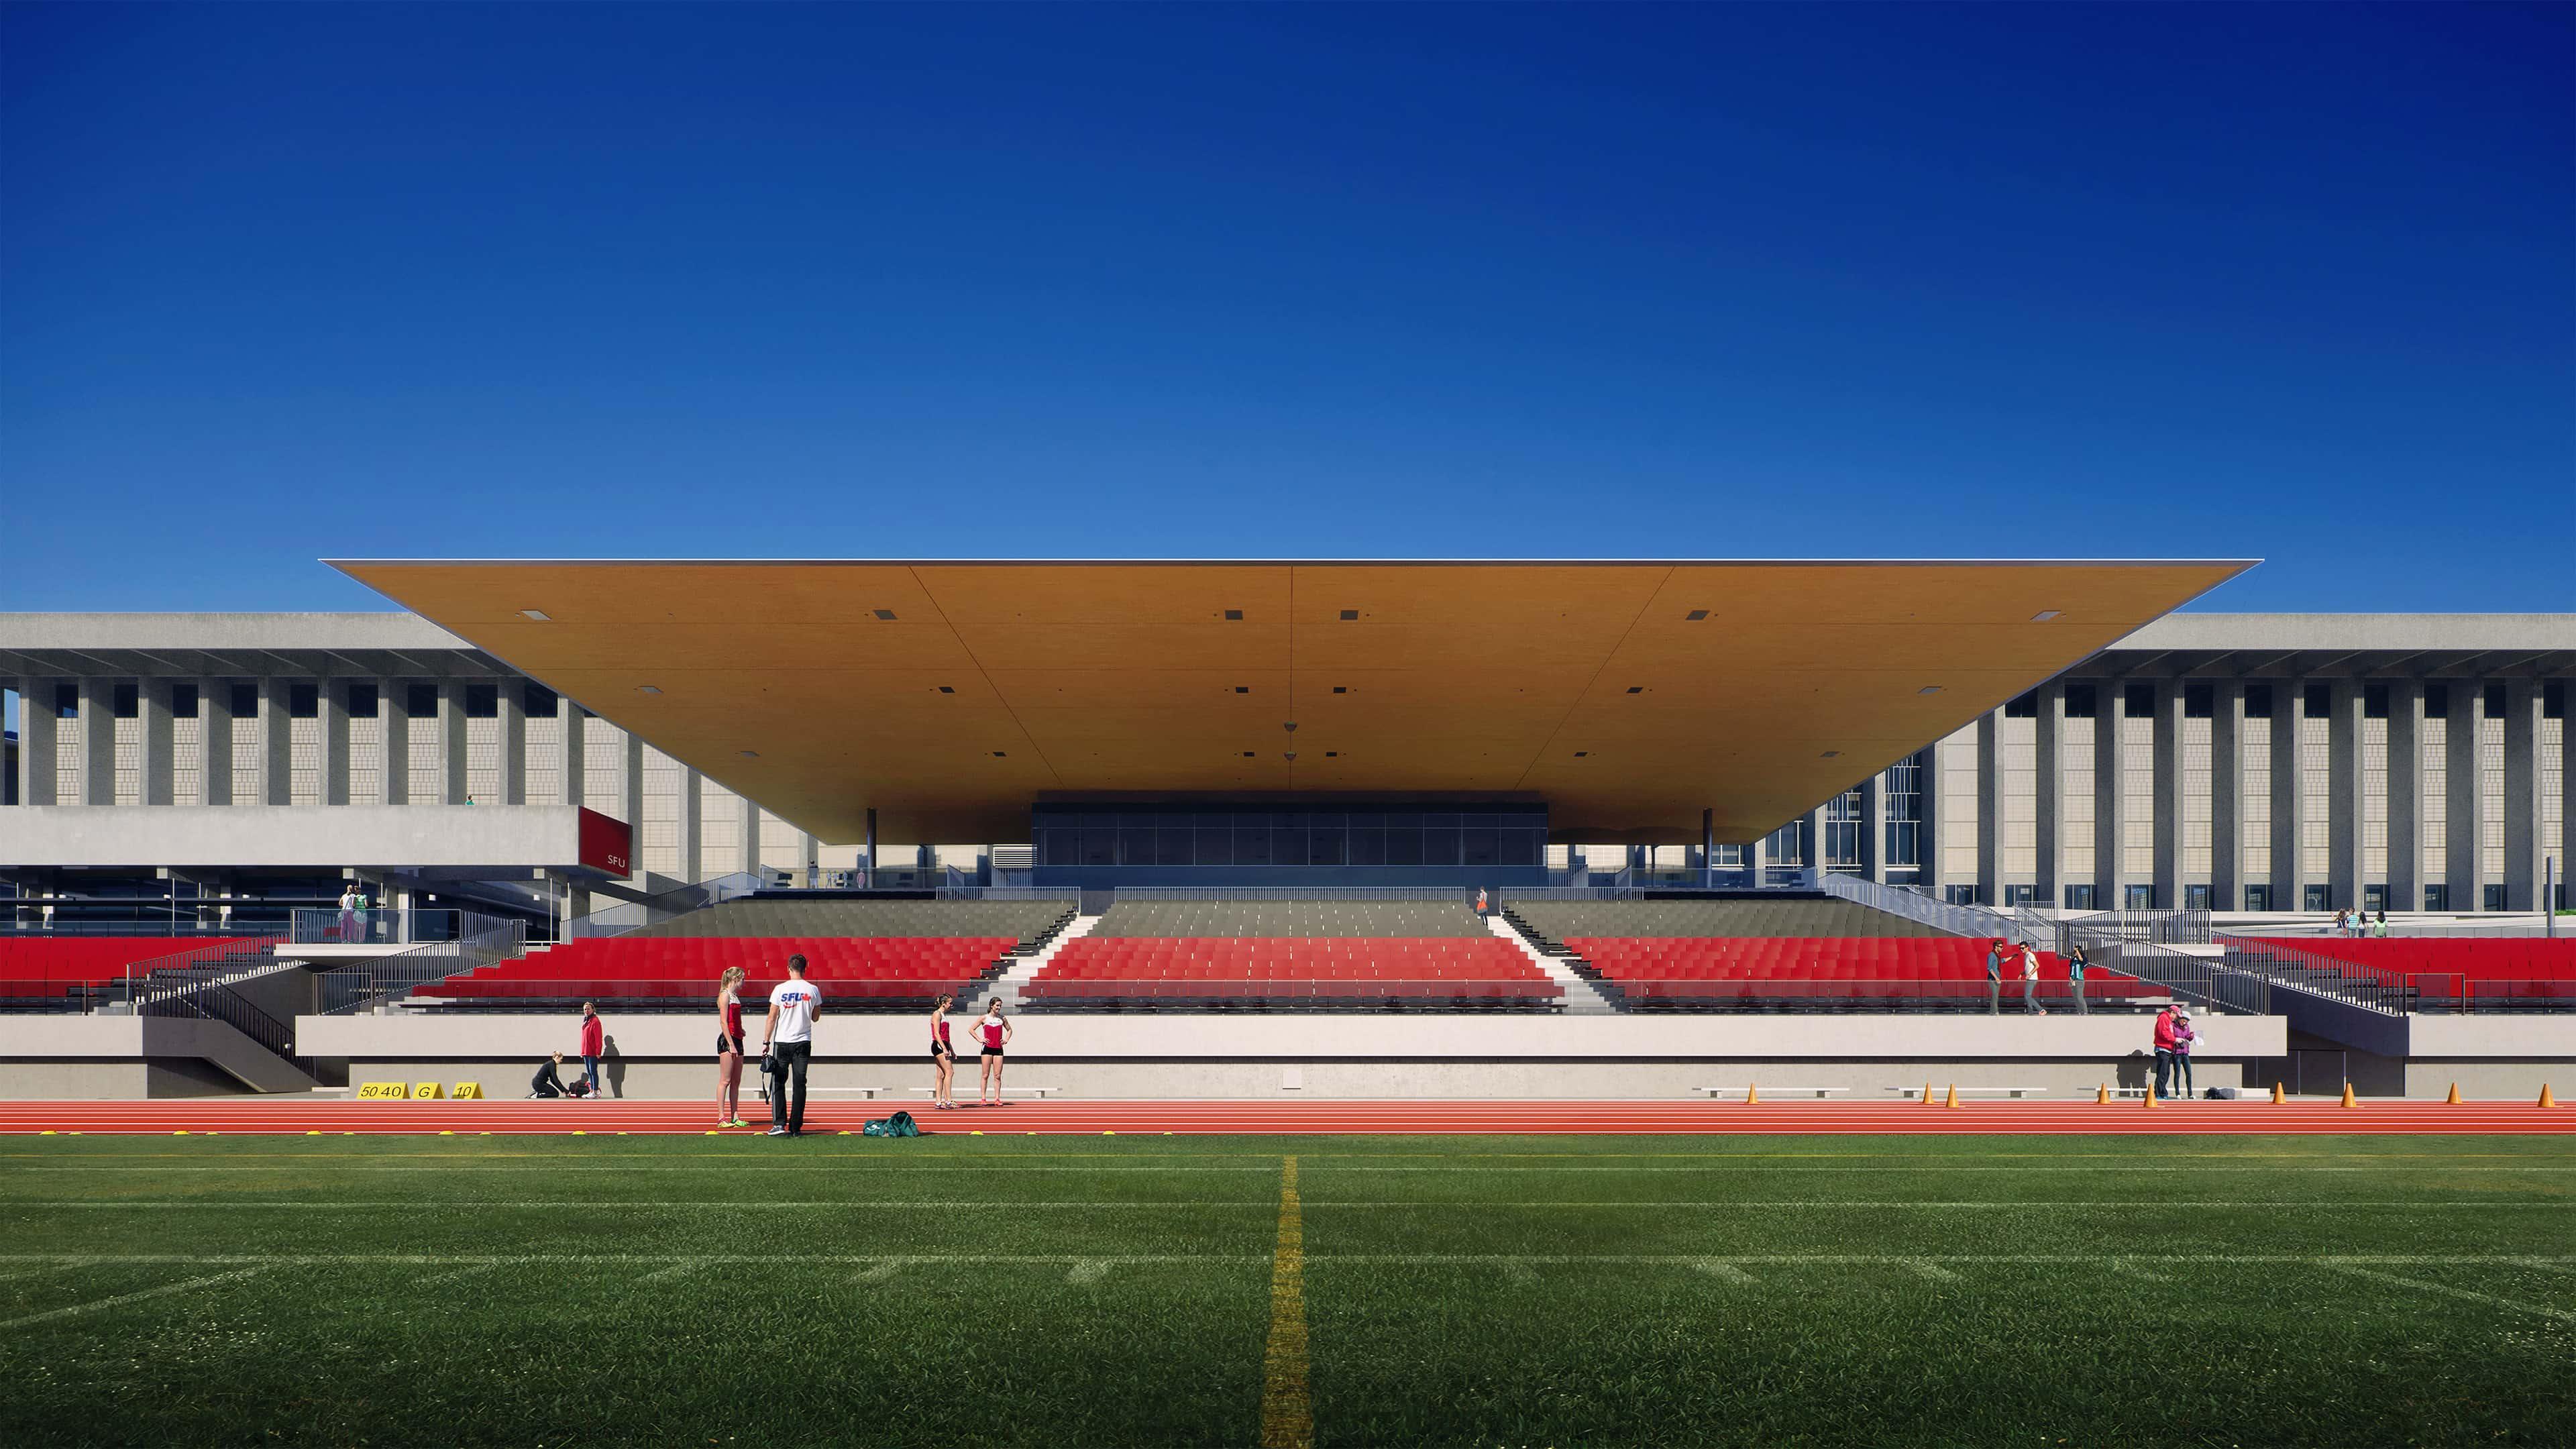 SFU stadium